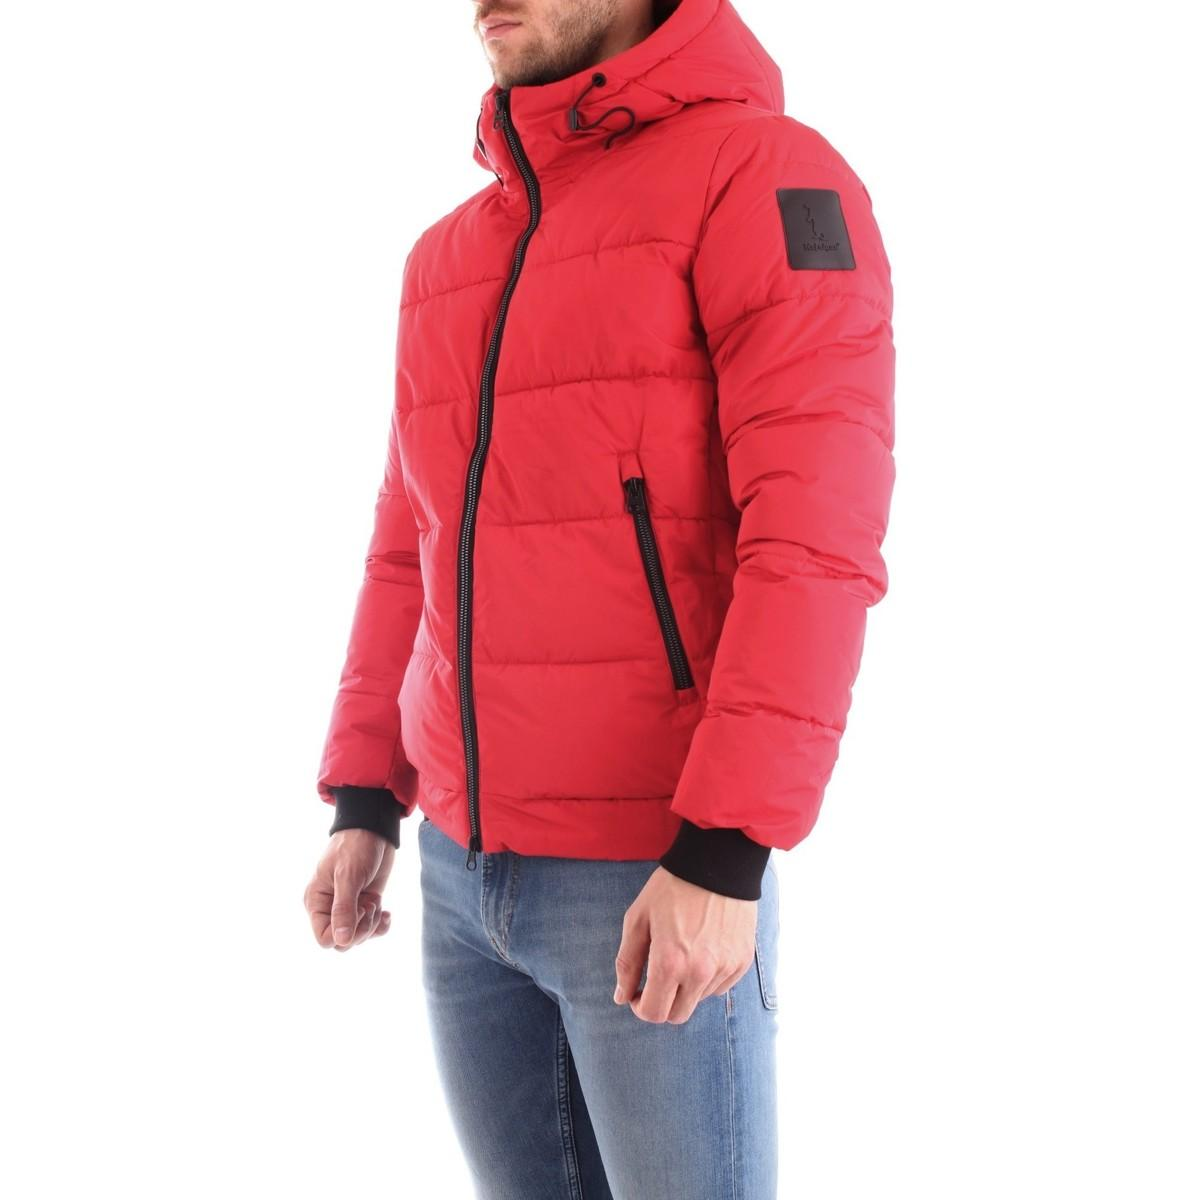 R57648YEU2M Doudounes Refrigue pour homme en coloris Rouge 8Mz3j